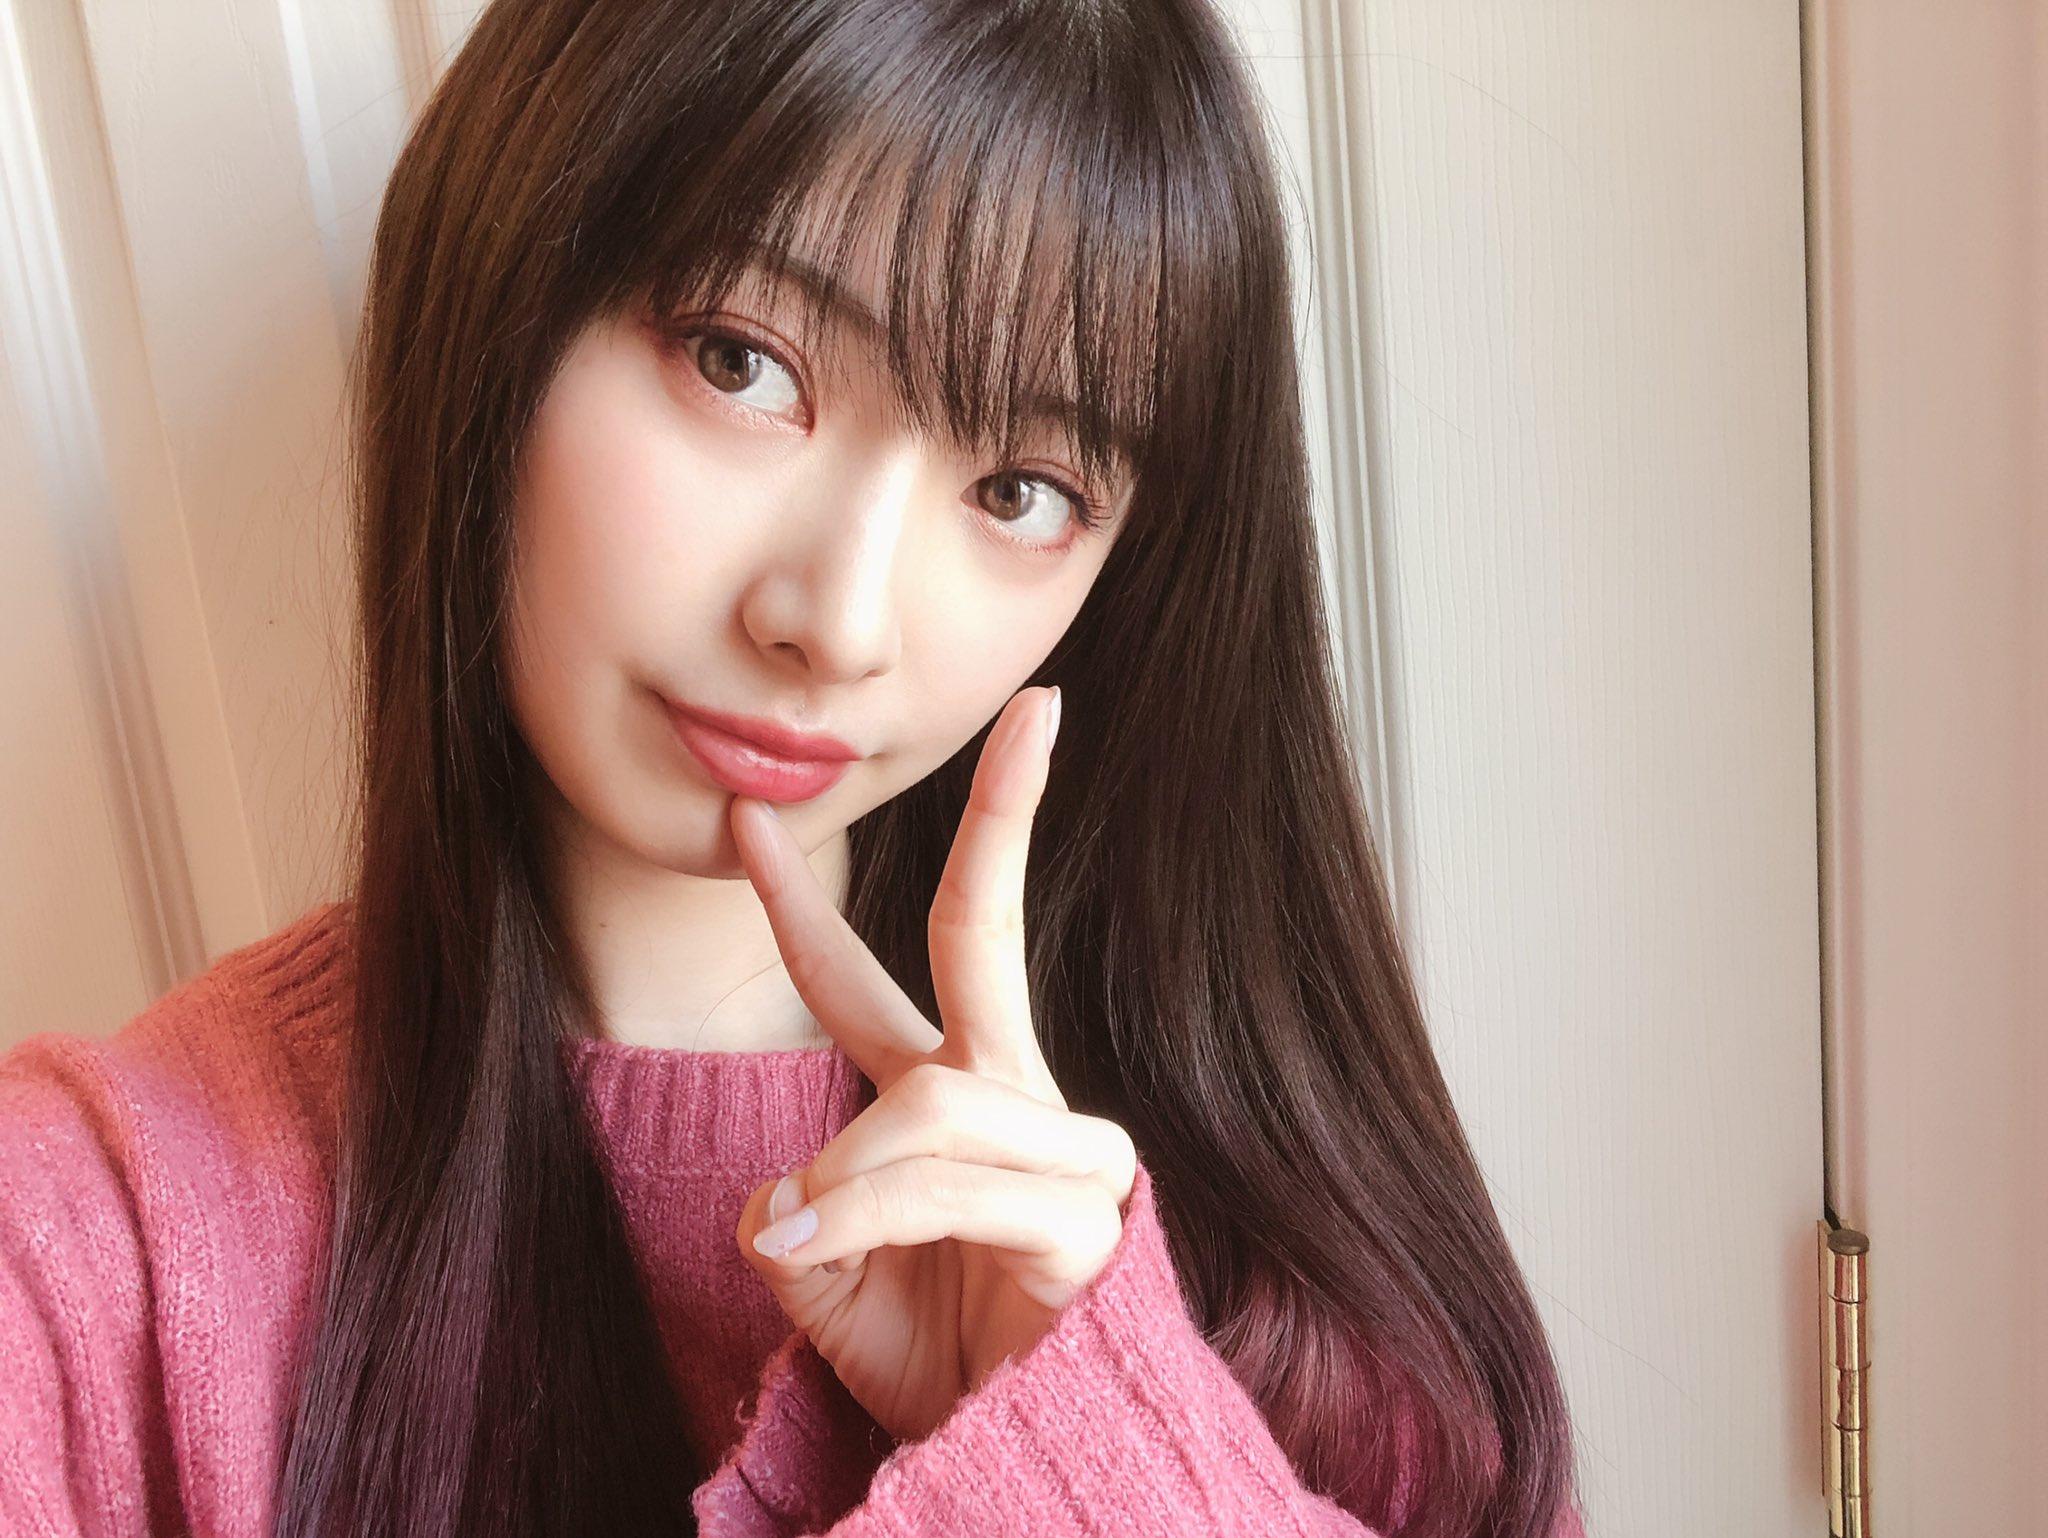 極少數日本現役偶像合格!AKB48武藤十夢考上気象予報士